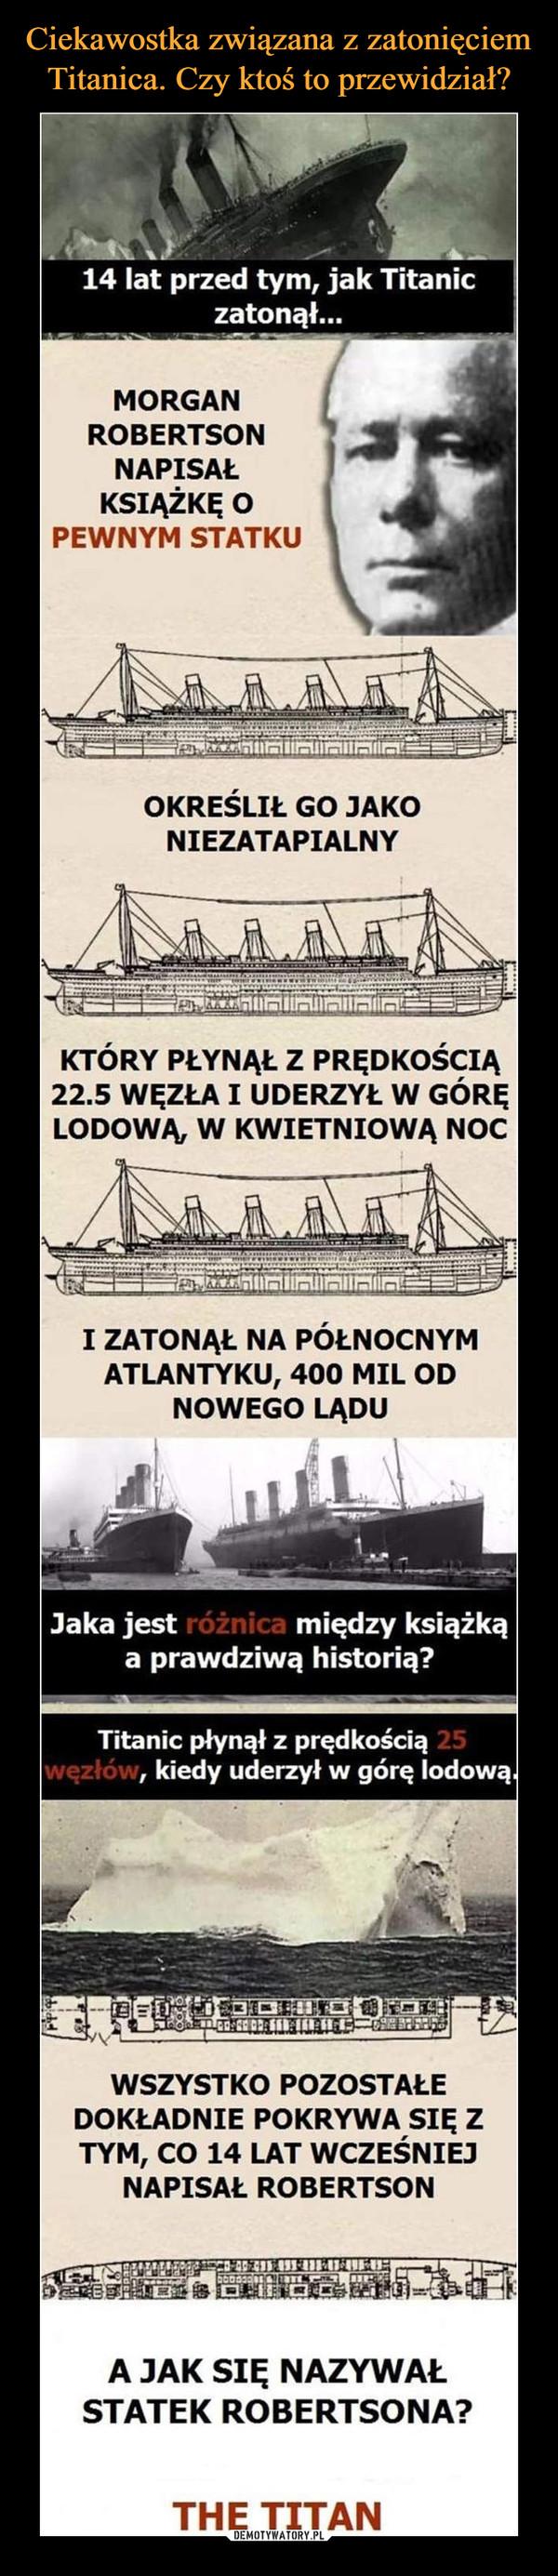 –  14 lat przed tym, jak Titanic zatonął... MORGAN ROBERTSON NAPISAŁ KSIĄŻKĘ O PEWNYM STATKU OKREŚLIŁ GO JAKO NIEZATAPIALNY KTÓRY PŁYNĄŁ Z PRĘDKOŚCIĄ 22.5 WĘZŁA 1 UDERZYŁ W GÓRĘ LODOWĄ, W KWIETNIOWĄ NOC 1 ZATONĄŁ NA PÓŁNOCNYM ATLANTYKU, 400 MIL OD NOWEGO LĄDU Jaka jest różnica między książką a prawdziwą historią? Titanic płynął z prędkością węzłów, kiedy uderzył w górę lodową. WSZYSTKO POZOSTAŁE DOKŁADNIE POKRYWA SIĘ Z TYM, CO 14 LAT WCZEŚNIEJ NAPISAŁ ROBERTSON A JAK SIĘ NAZYWAŁ STATEK ROBERTSONA? THE TITAN